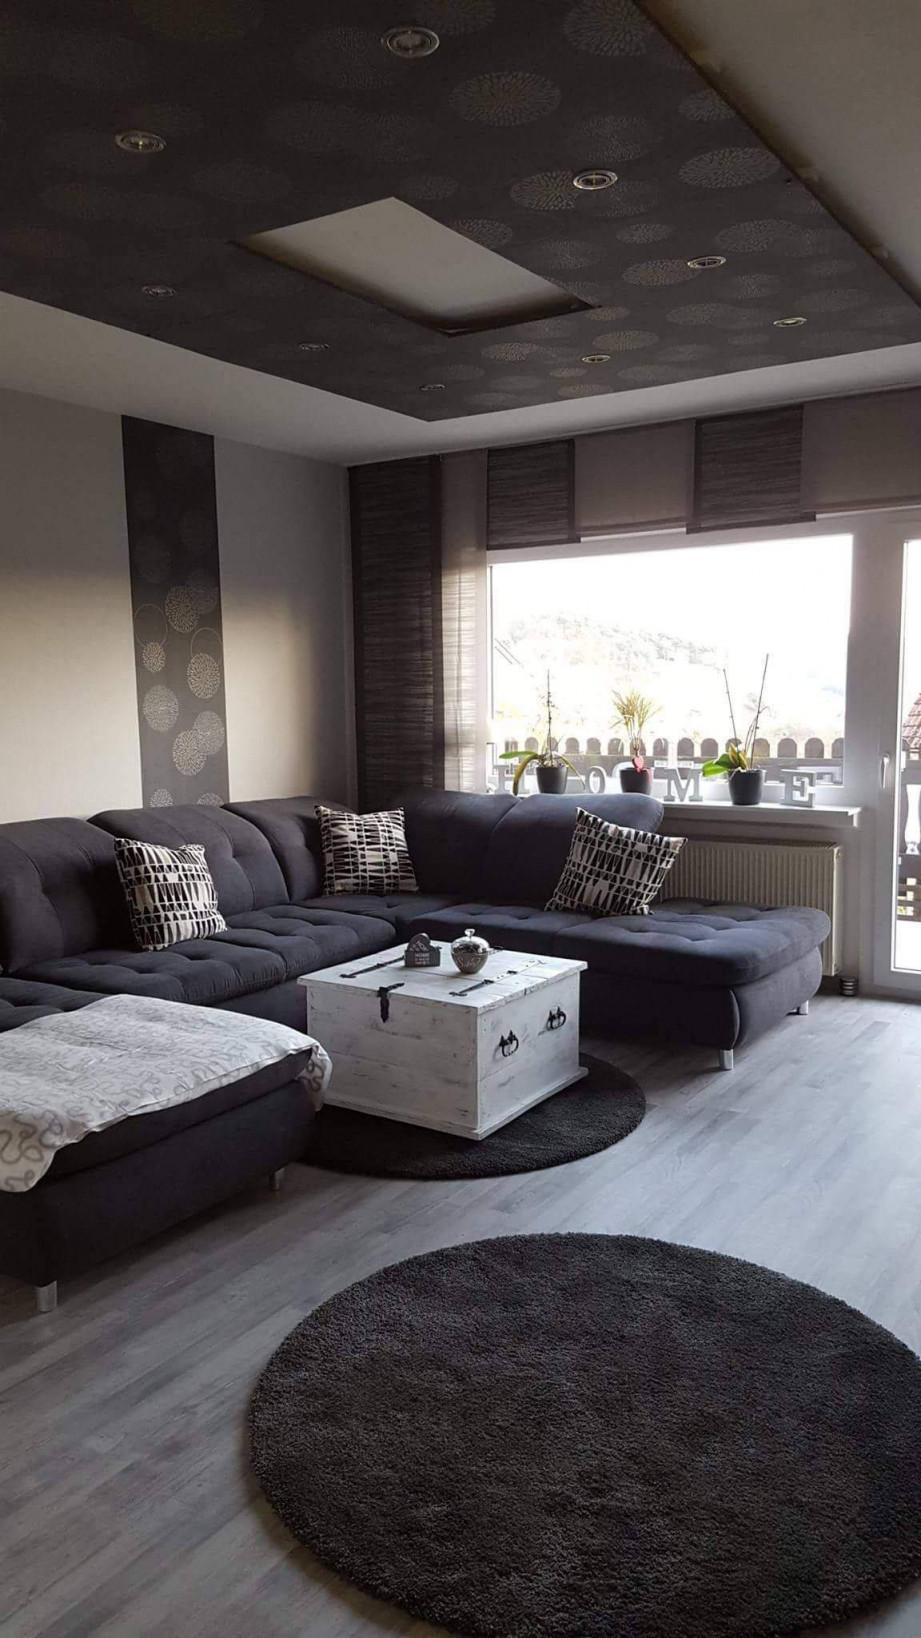 Großes Wohnzimmer Einrichten Reizend Wohnzimmer Ideen Grau von Ideen Großes Wohnzimmer Photo